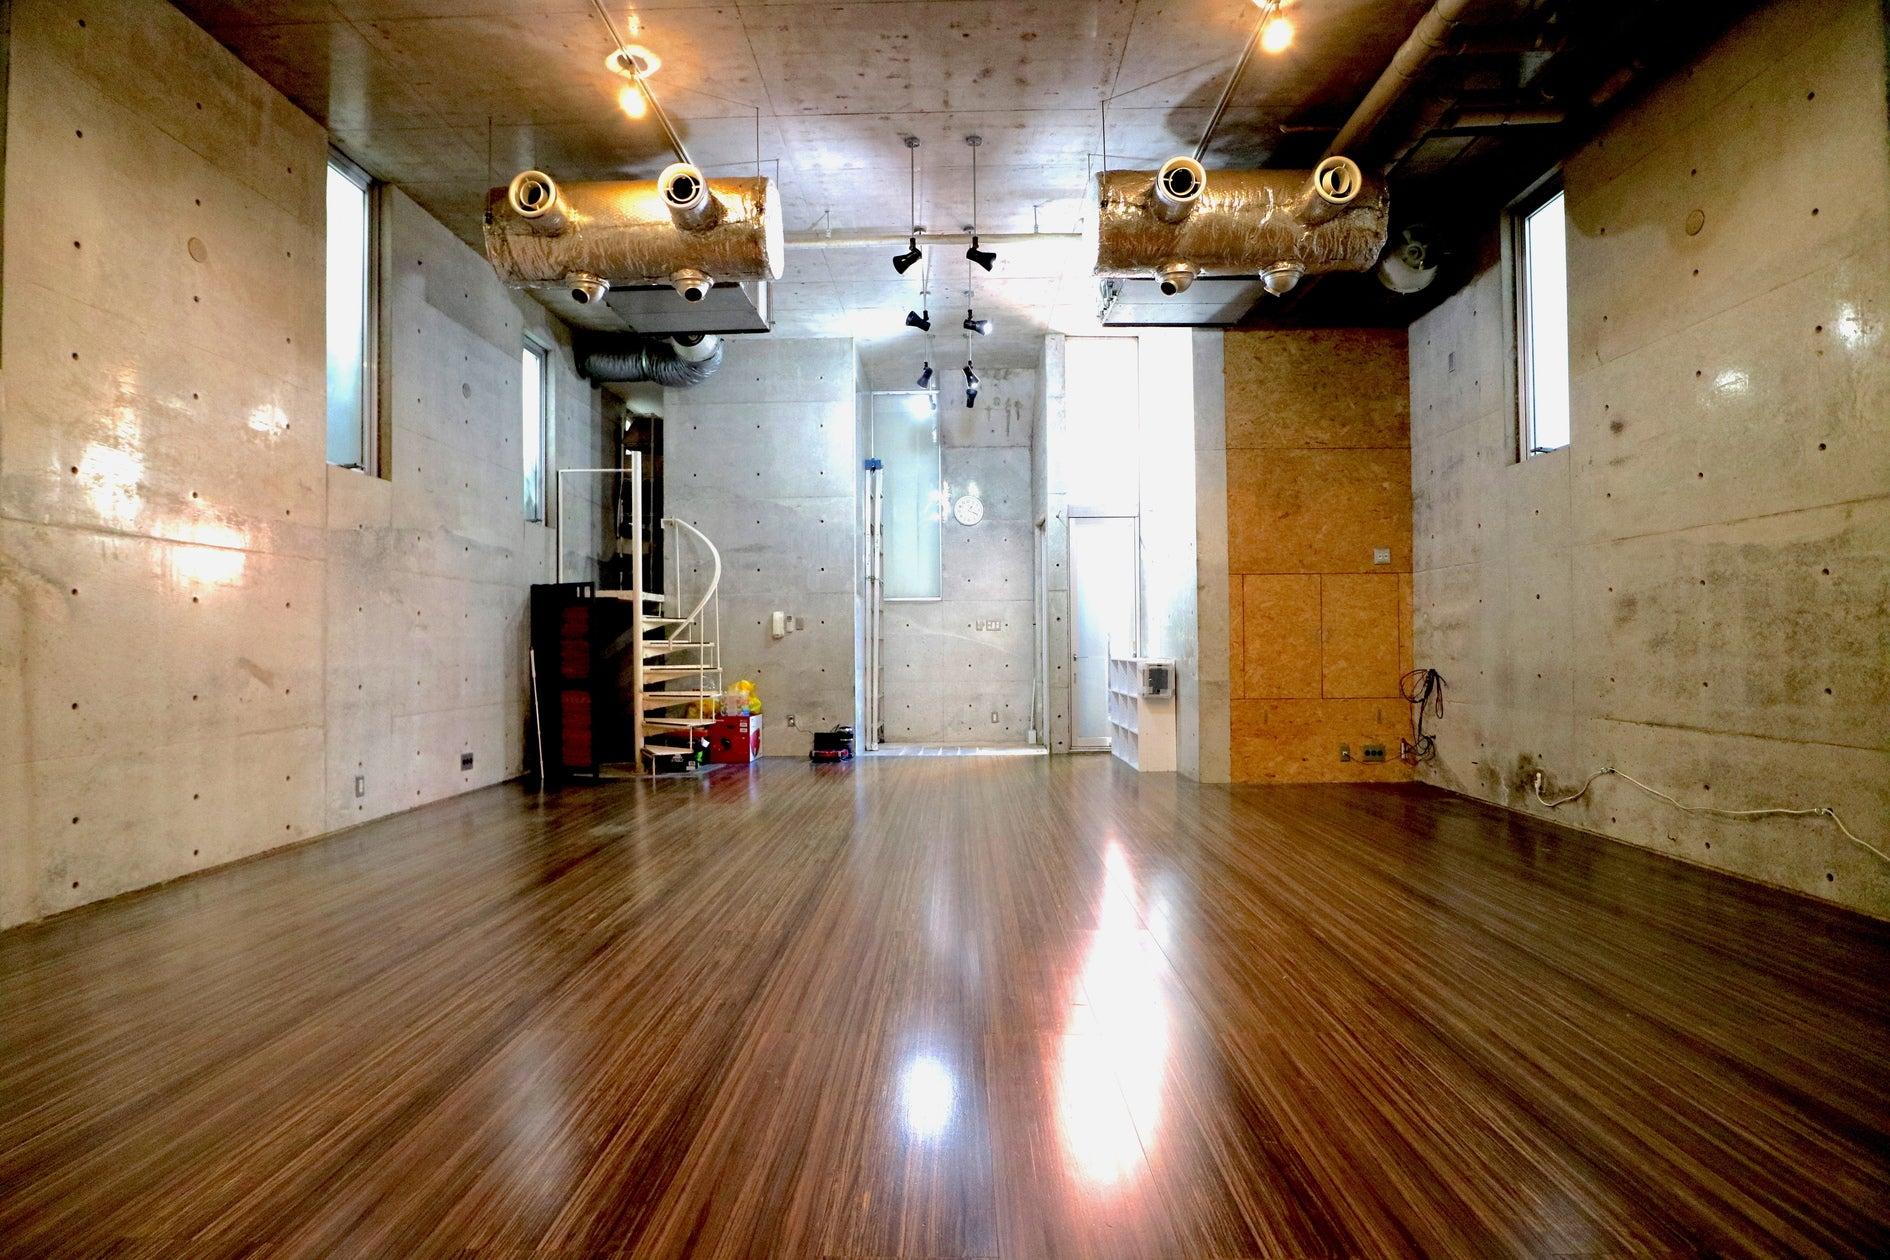 自由が丘徒歩5分!各種ダンスなどの利用可能なレンタルスタジオスペース!RAISE UP STUDIO JIYUGAOKA のサムネイル